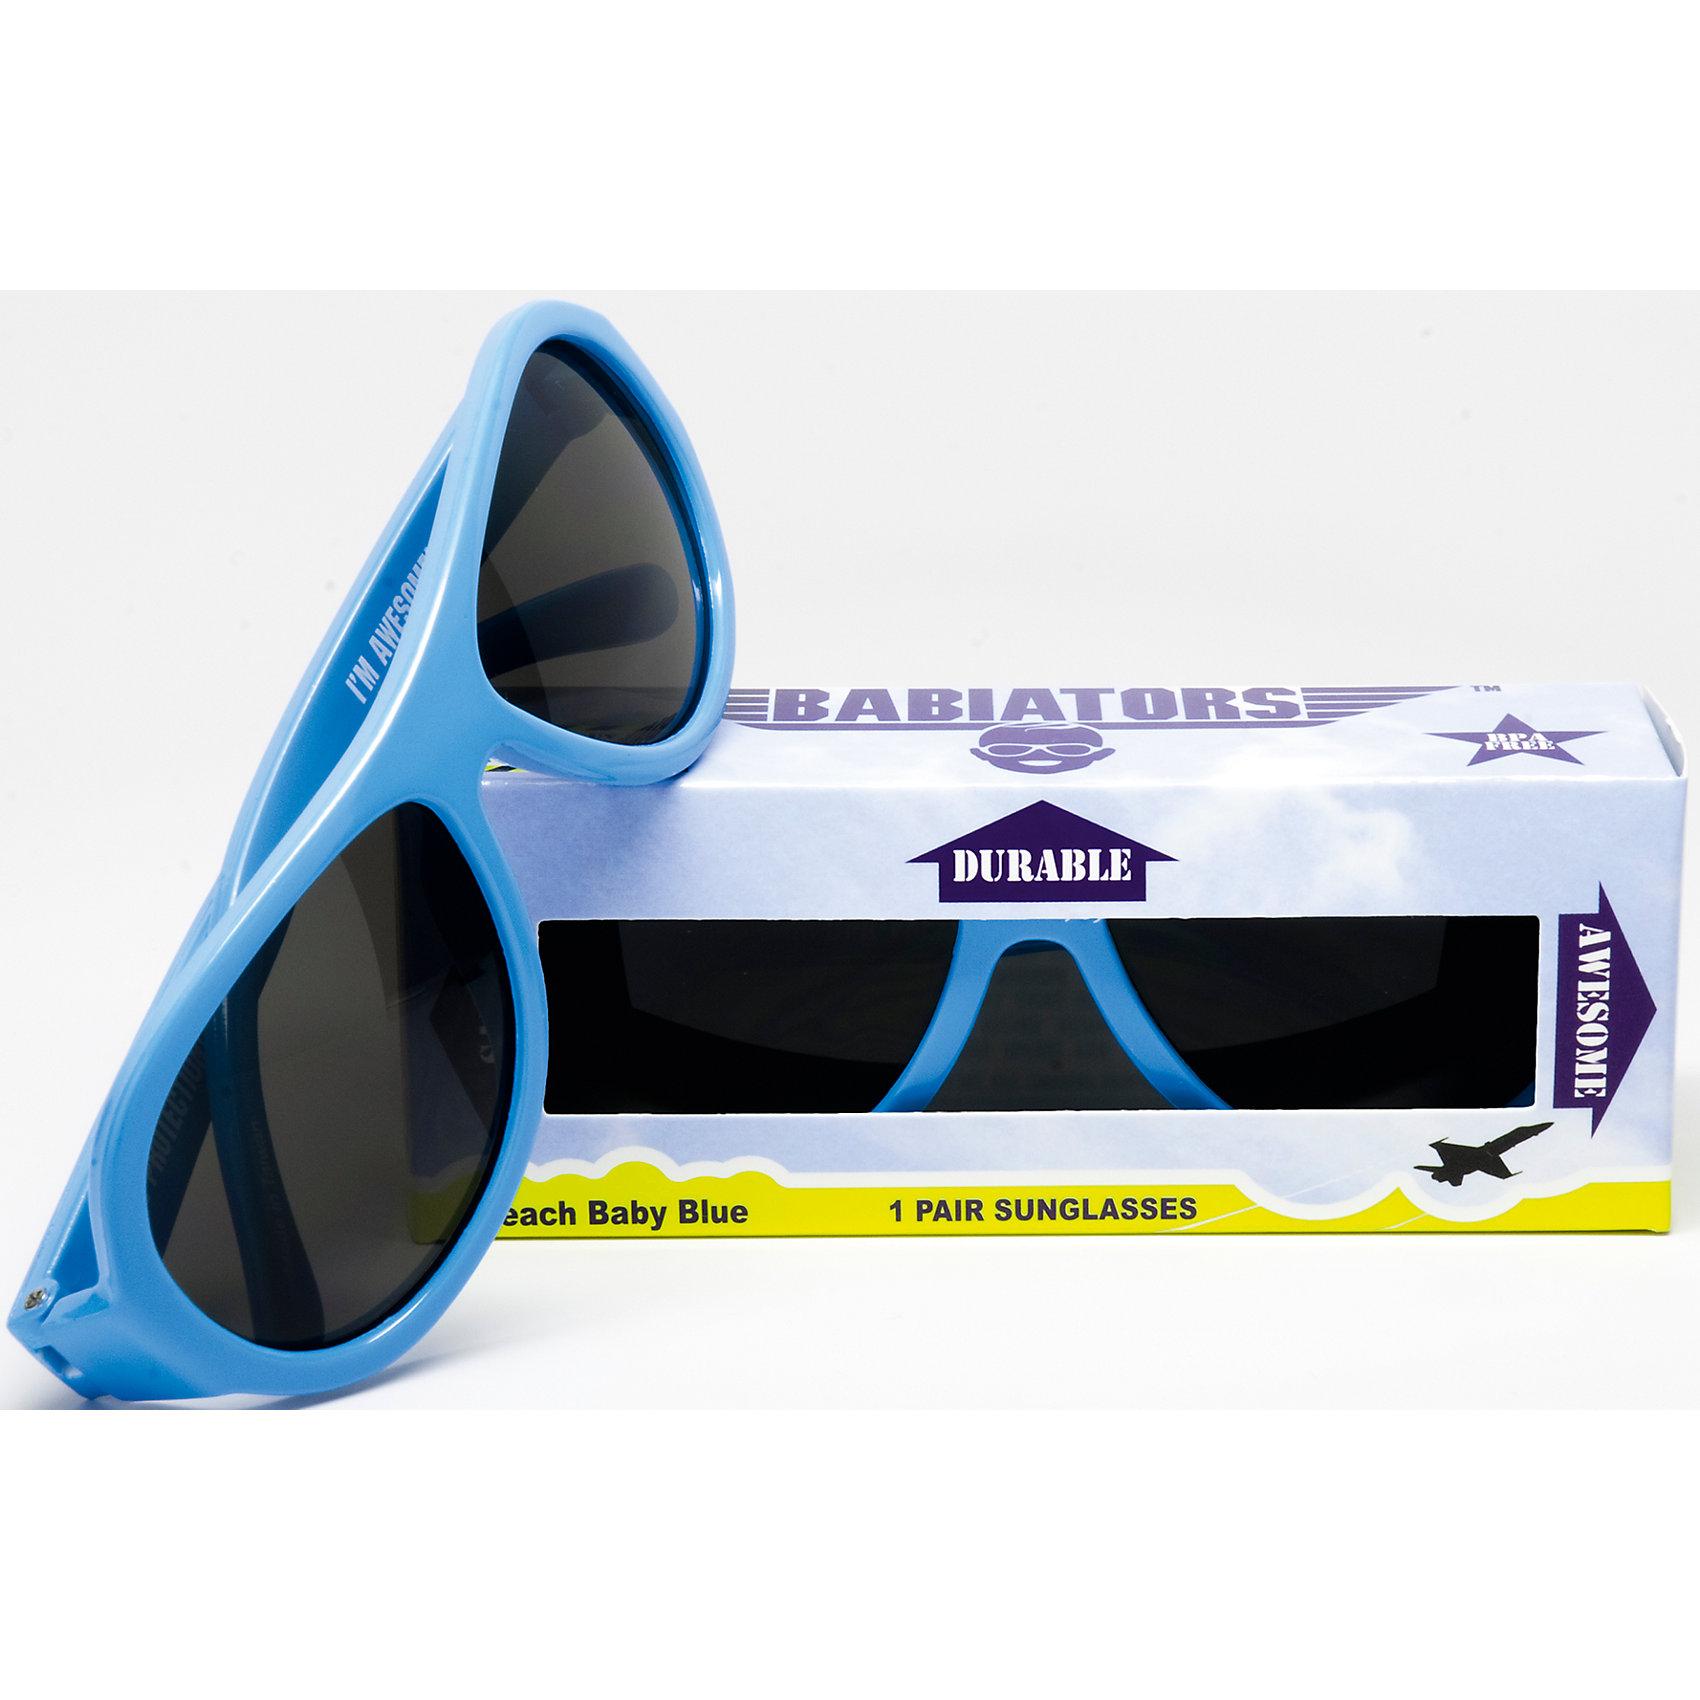 Солнцезащитные очки Babiators OriginalЗащита глаз всегда в моде.<br>Вы делаете все возможное, чтобы ваши дети были здоровы и в безопасности. Шлемы для езды на велосипеде, солнцезащитный крем для прогулок на солнце. Но как насчёт влияния солнца на глазах вашего ребёнка? Правда в том, что сетчатка глаза у детей развивается вместе с самим ребёнком. Это означает, что глаза малышей не могут отфильтровать УФ-излучение. Добавьте к этому тот факт, что дети за год получают трёхкратную дозу солнечного воздействия на взрослого человека (доклад Vision Council Report 2013, США). Проблема понятна - детям нужна настоящая защита, чтобы глазка были в безопасности, а зрение сильным.<br>Каждая пара солнцезащитных очков Babiators для детей обеспечивает 100% защиту от UVA и UVB. Прочные линзы высшего качества не подведут в самых сложных переделках. Будьте уверены, что очки Babiators созданы безопасными, прочными и классными, так что вы и ваш маленький лётчик можете приступать к своим приключениям!<br><br>• Прочная, гибкая прорезиненная оправа;<br>• 100 % защита от UVA и UVB солнечных лучей;<br>• Ударопрочные линзы;<br>• Стильные: выбор многих голливудских звёзд.<br><br>Ширина мм: 170<br>Глубина мм: 157<br>Высота мм: 67<br>Вес г: 117<br>Возраст от месяцев: 0<br>Возраст до месяцев: 36<br>Пол: Унисекс<br>Возраст: Детский<br>SKU: 4766959